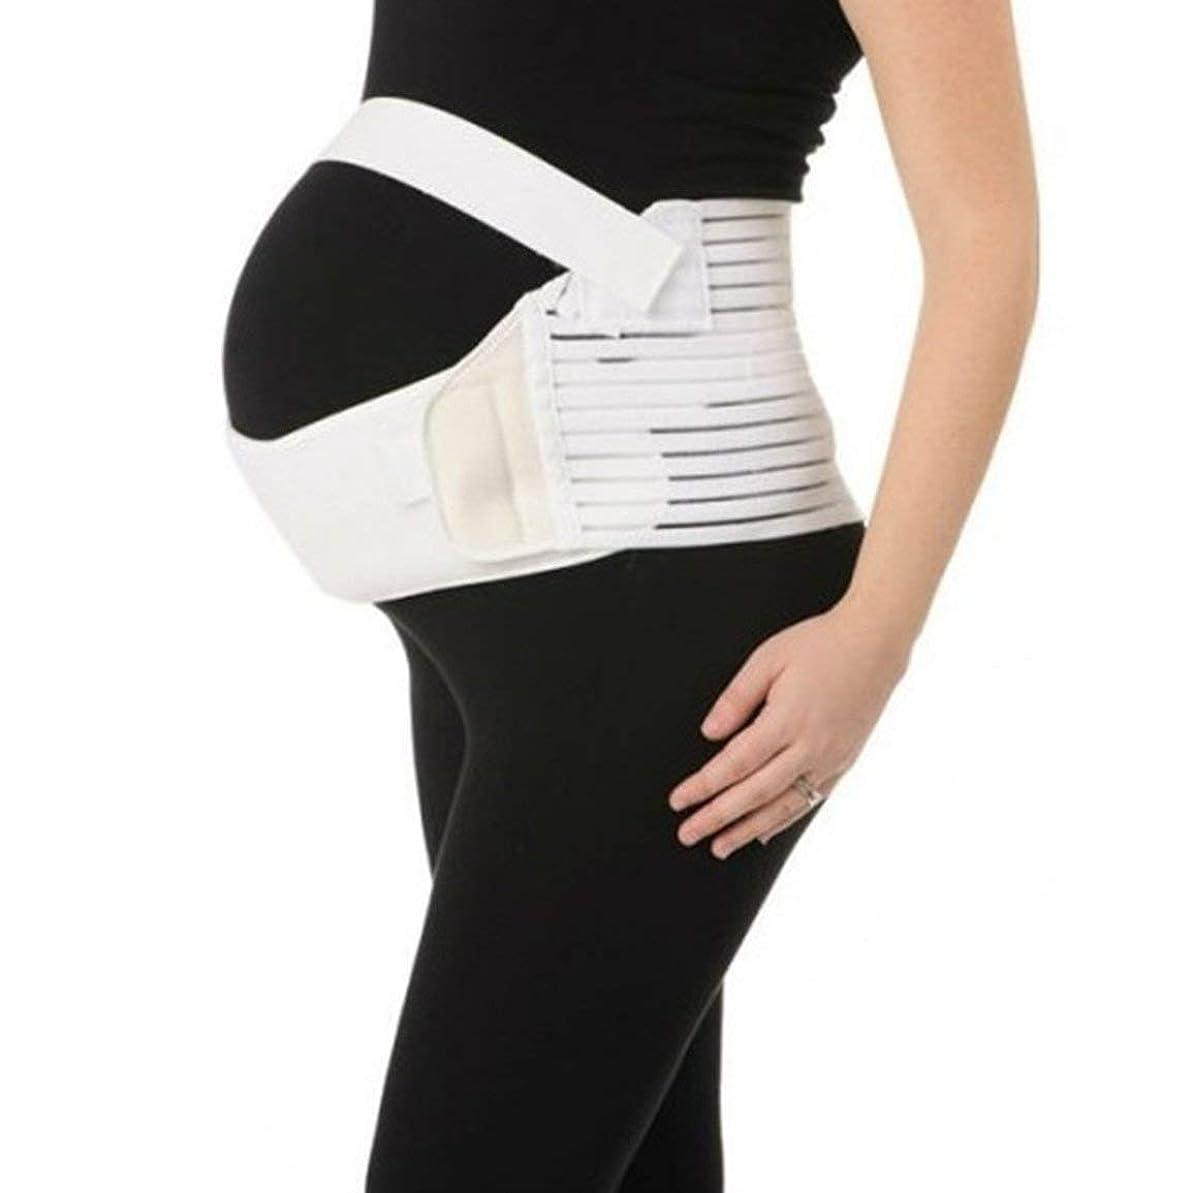 大佐ブラザーバー通気性産科ベルト妊娠腹部サポート腹部バインダーガードル運動包帯産後の回復形状ウェア - ホワイトM